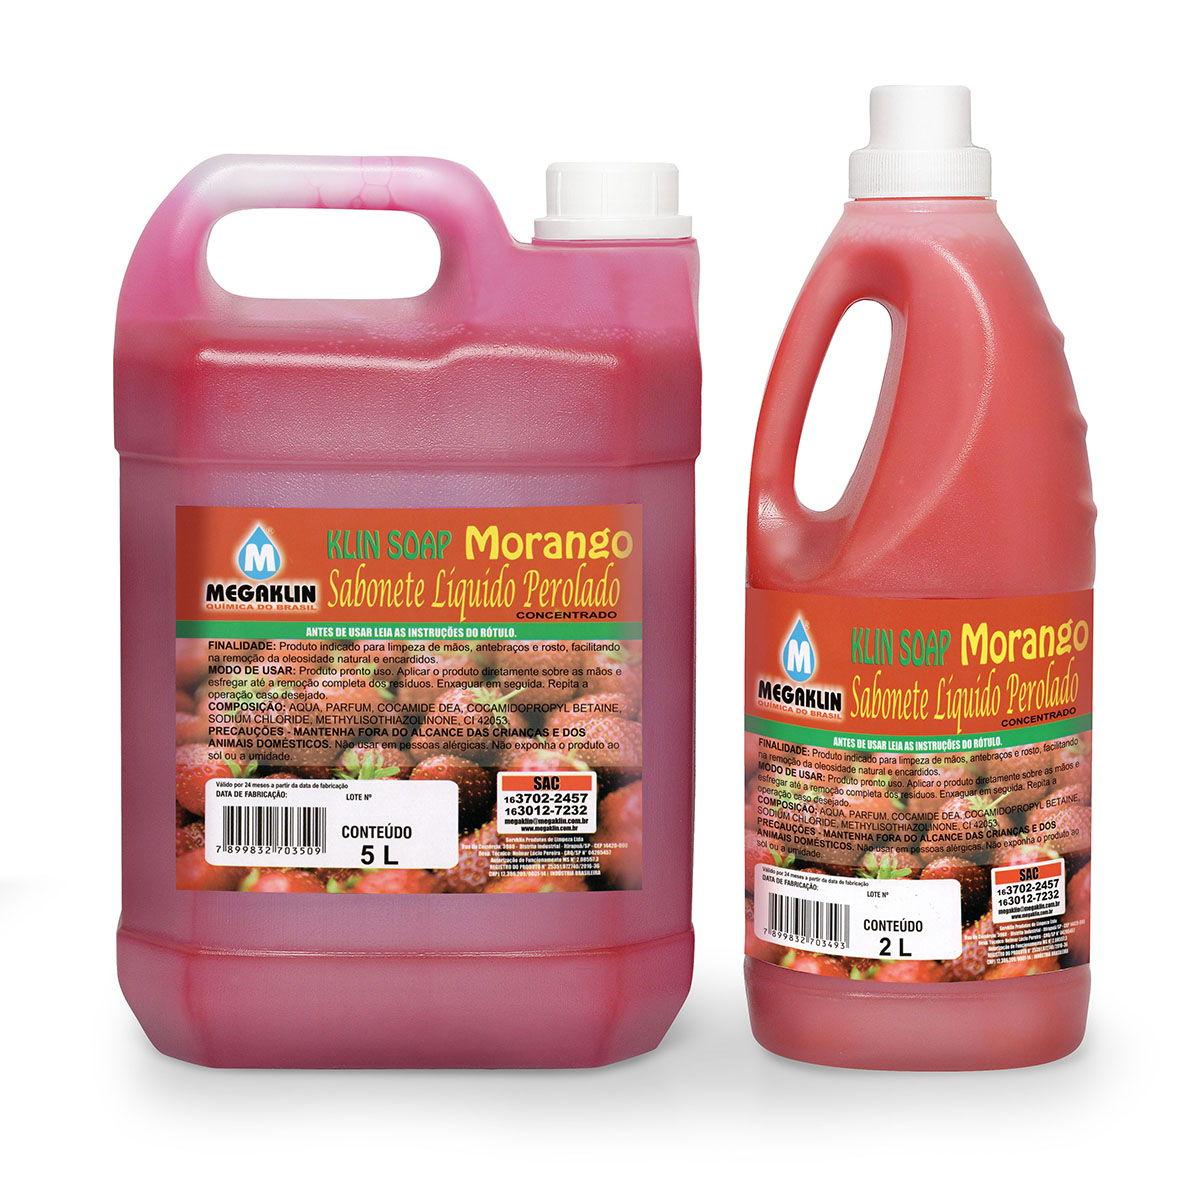 Sabonete Líquido Perolado Concentrado Klin Soap Morango Megaklin